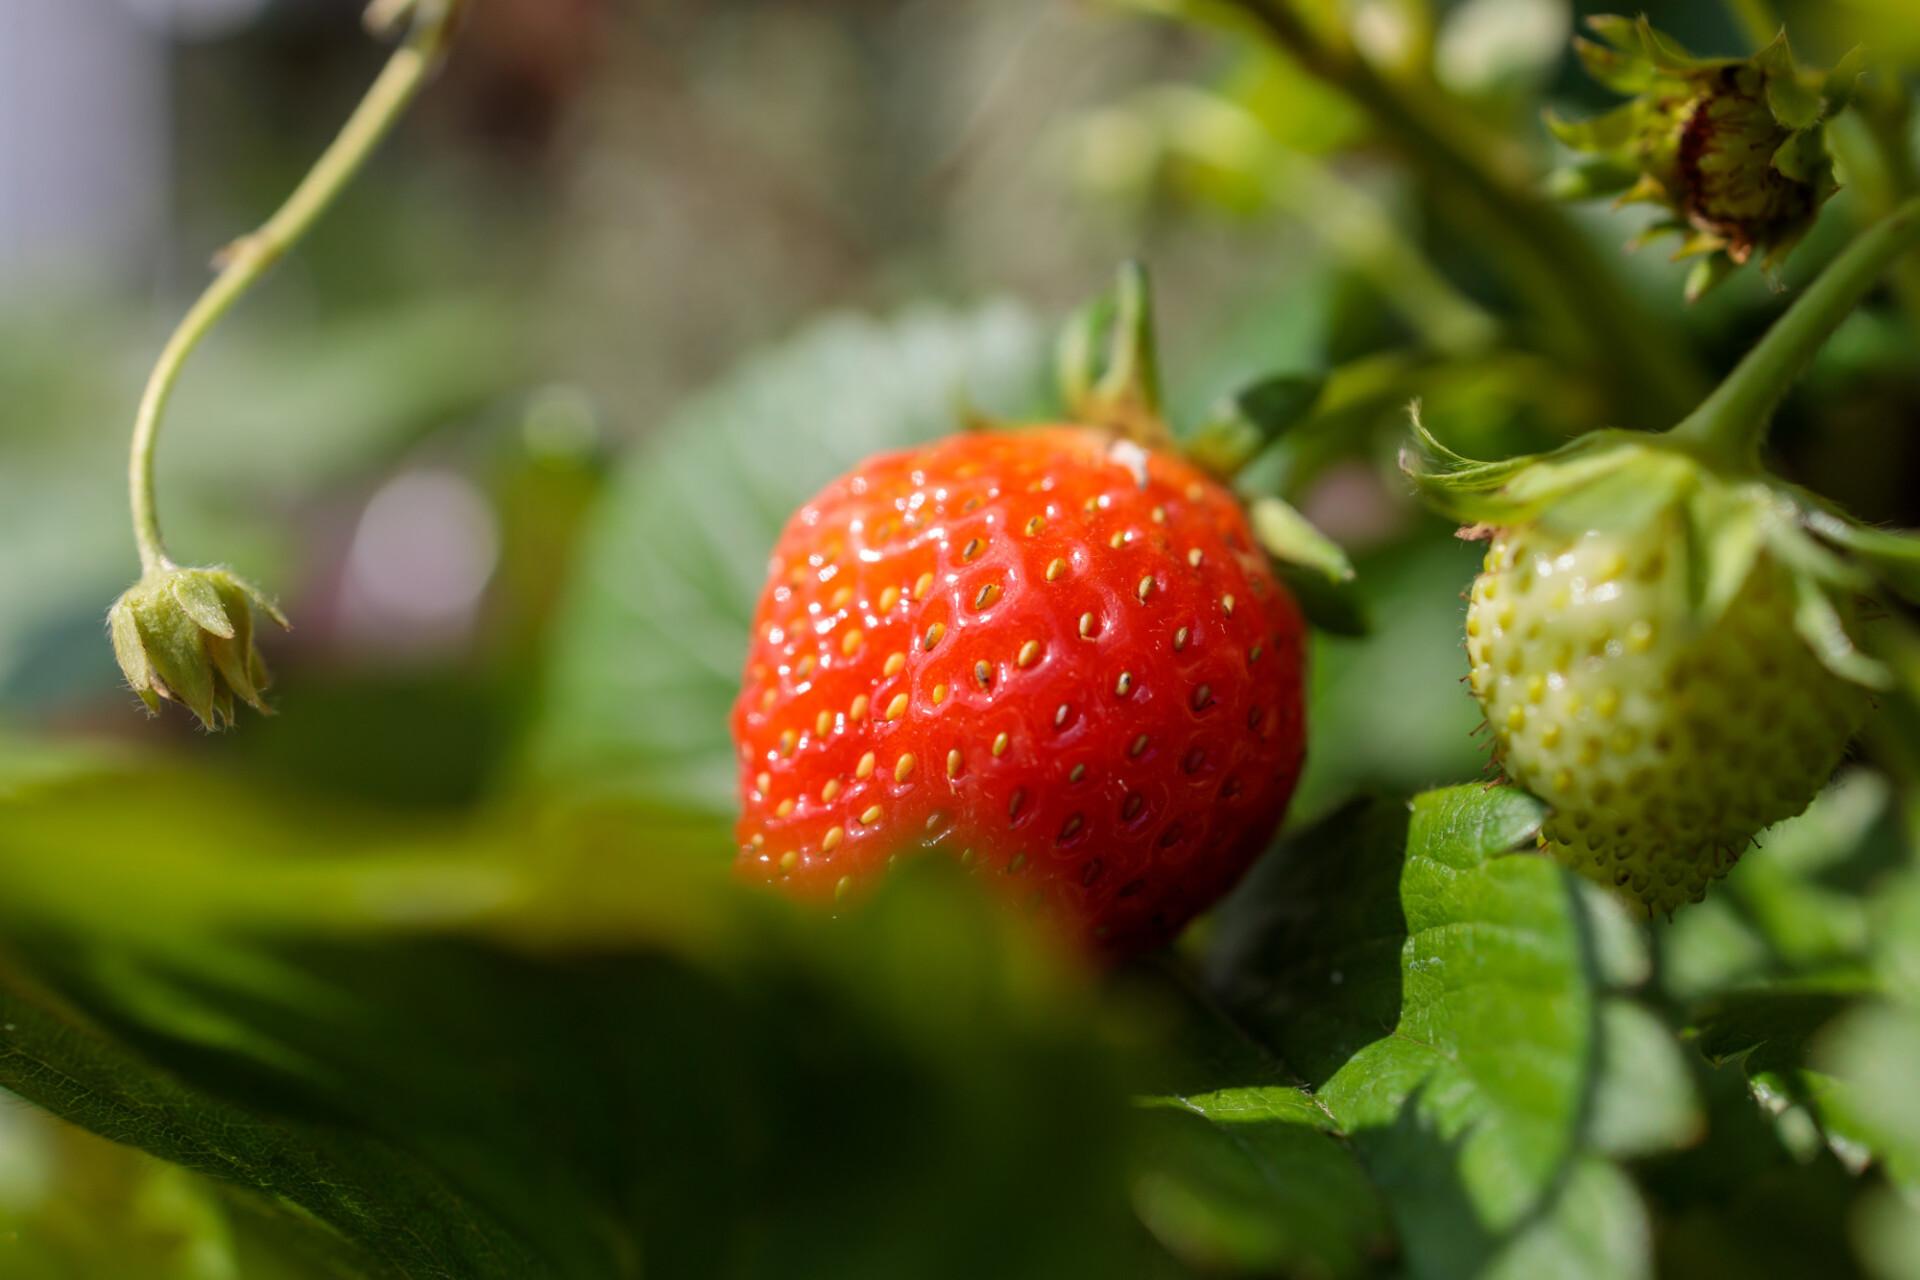 Delicious strawberries ripen in the sun